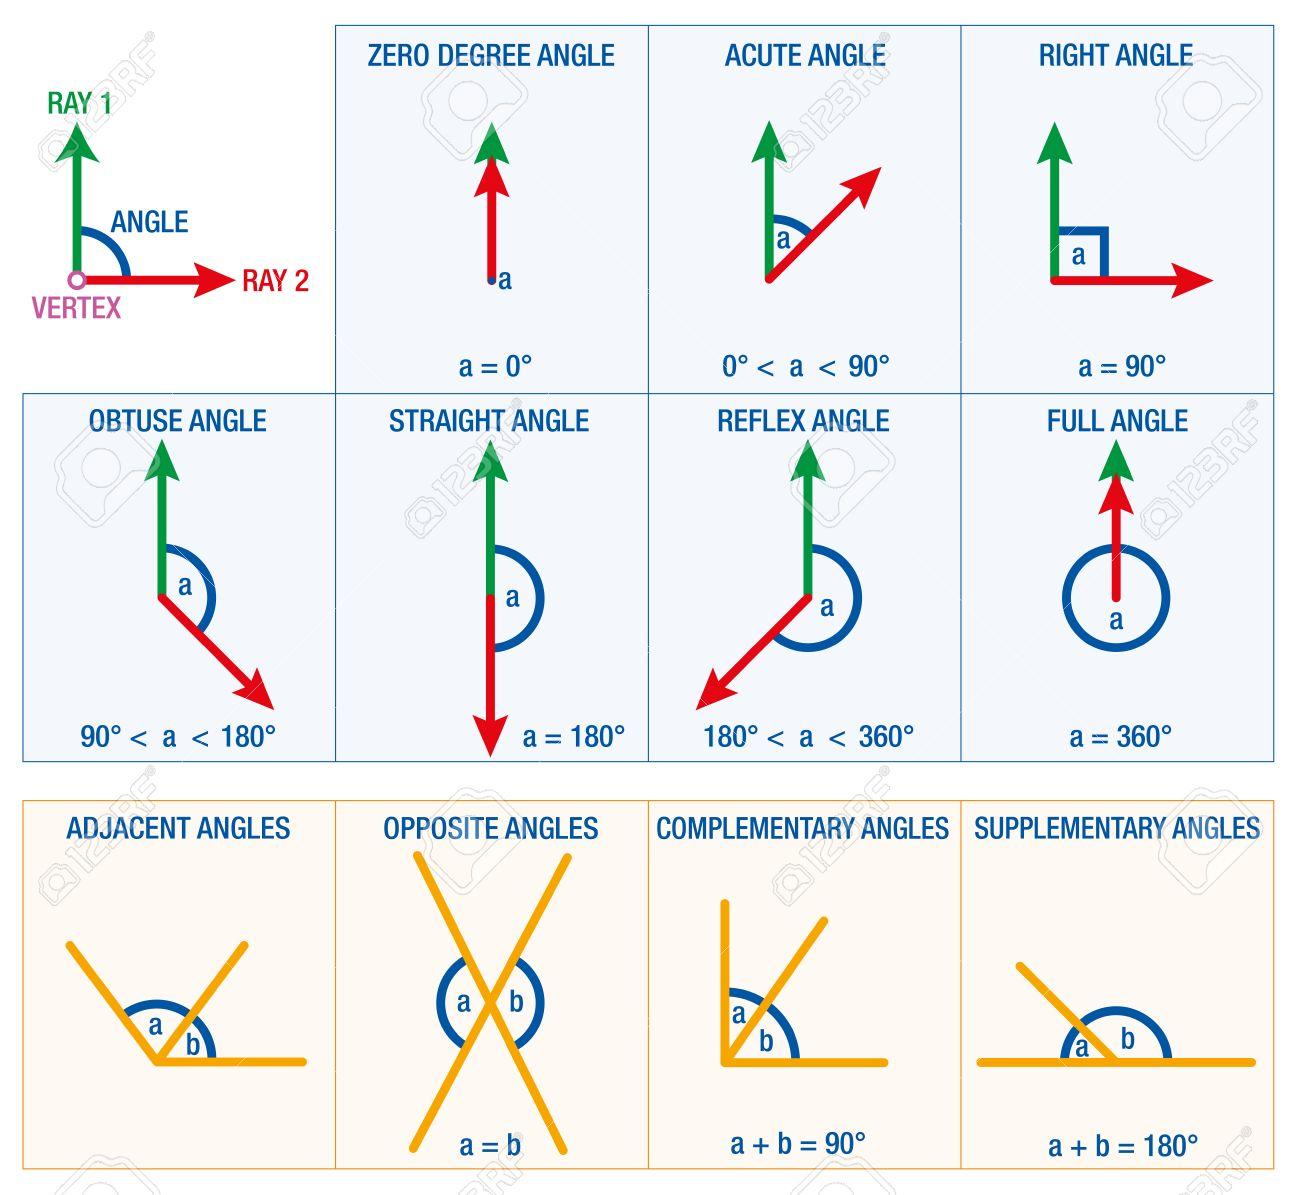 foto de archivo los ngulos de la geometra y las matemticas como ciencia aguda ngulo ngulo recto o reflex ngulo un resumen de los posibles ngulos